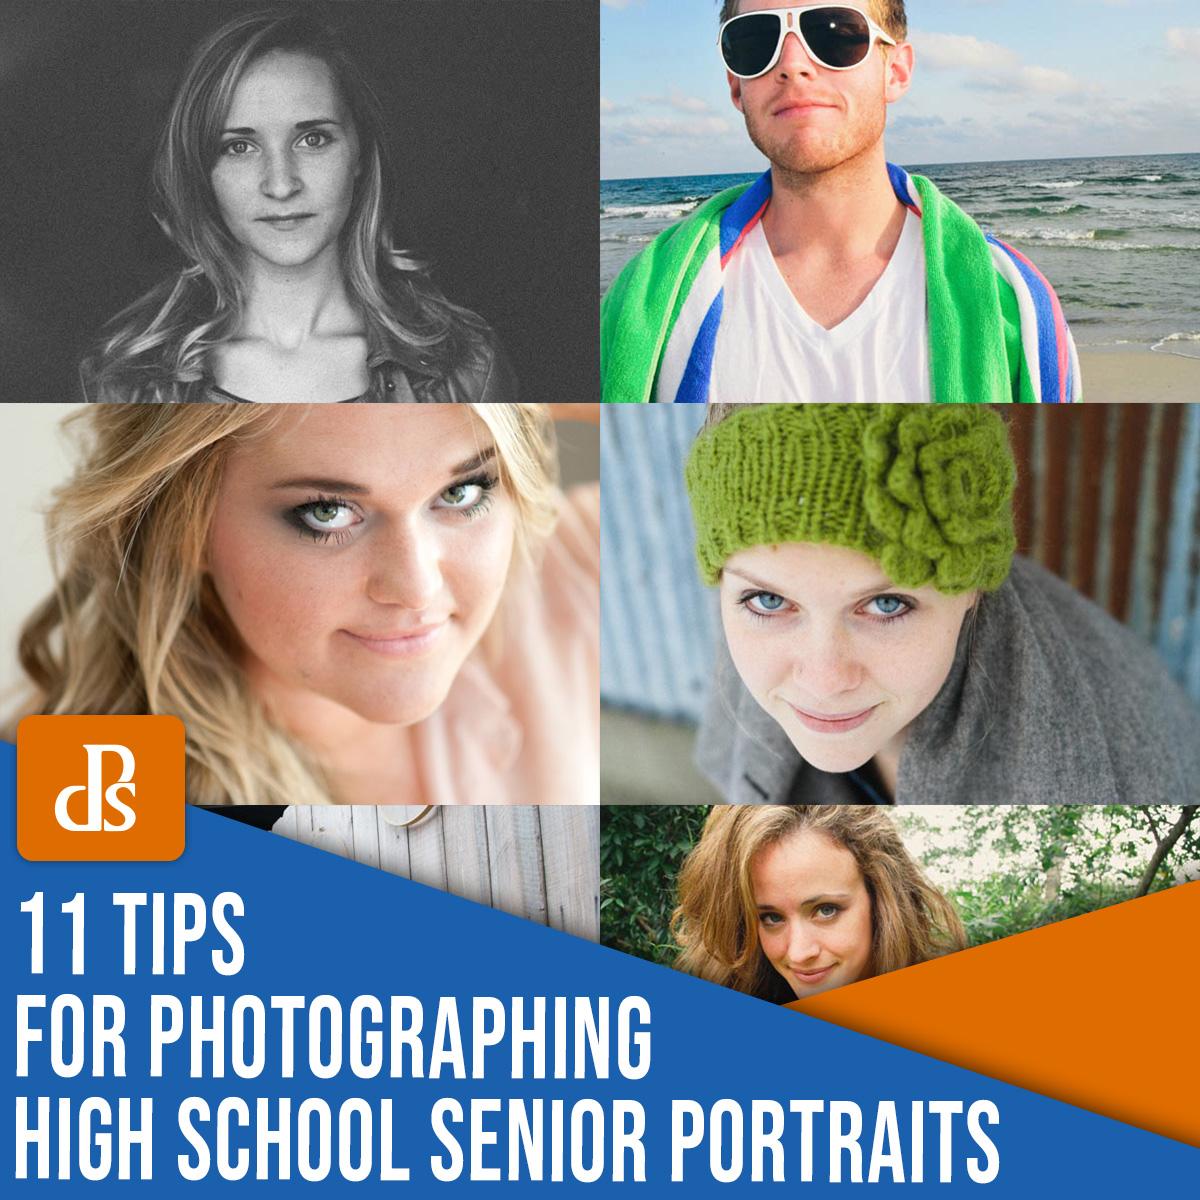 11 dicas para tirar retratos de alunos do último ano do ensino médio